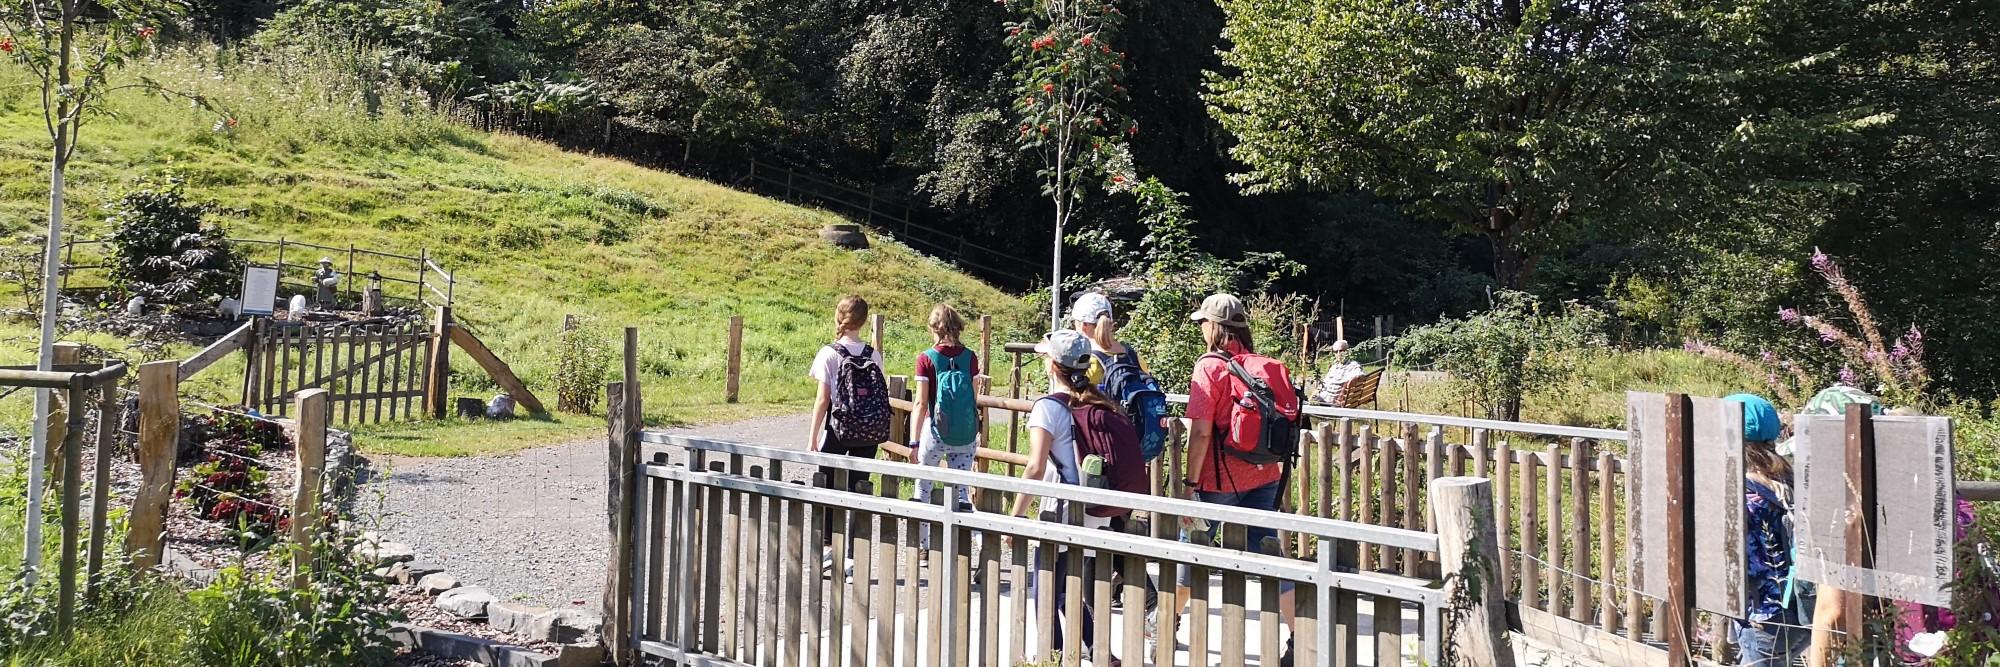 Wandergruppe auf einer Brücke